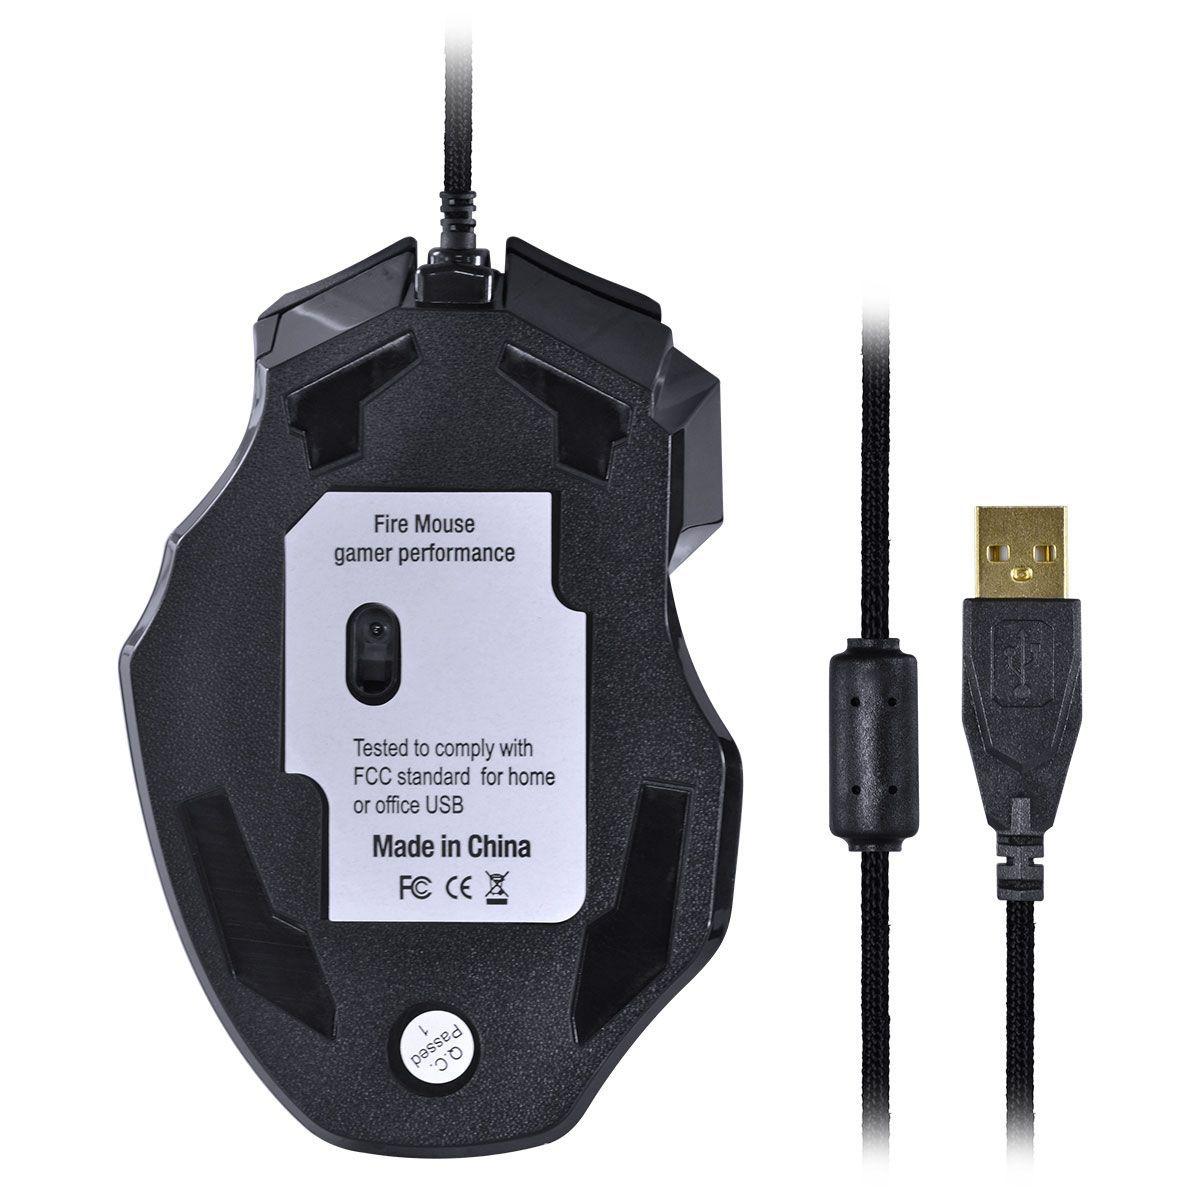 MOUSE GAMER VX GAMING BLACK WIDOW 2400 DPI AJUSTAVEL E 06 BOTÕES PRETO COM AZUL USB - GM104